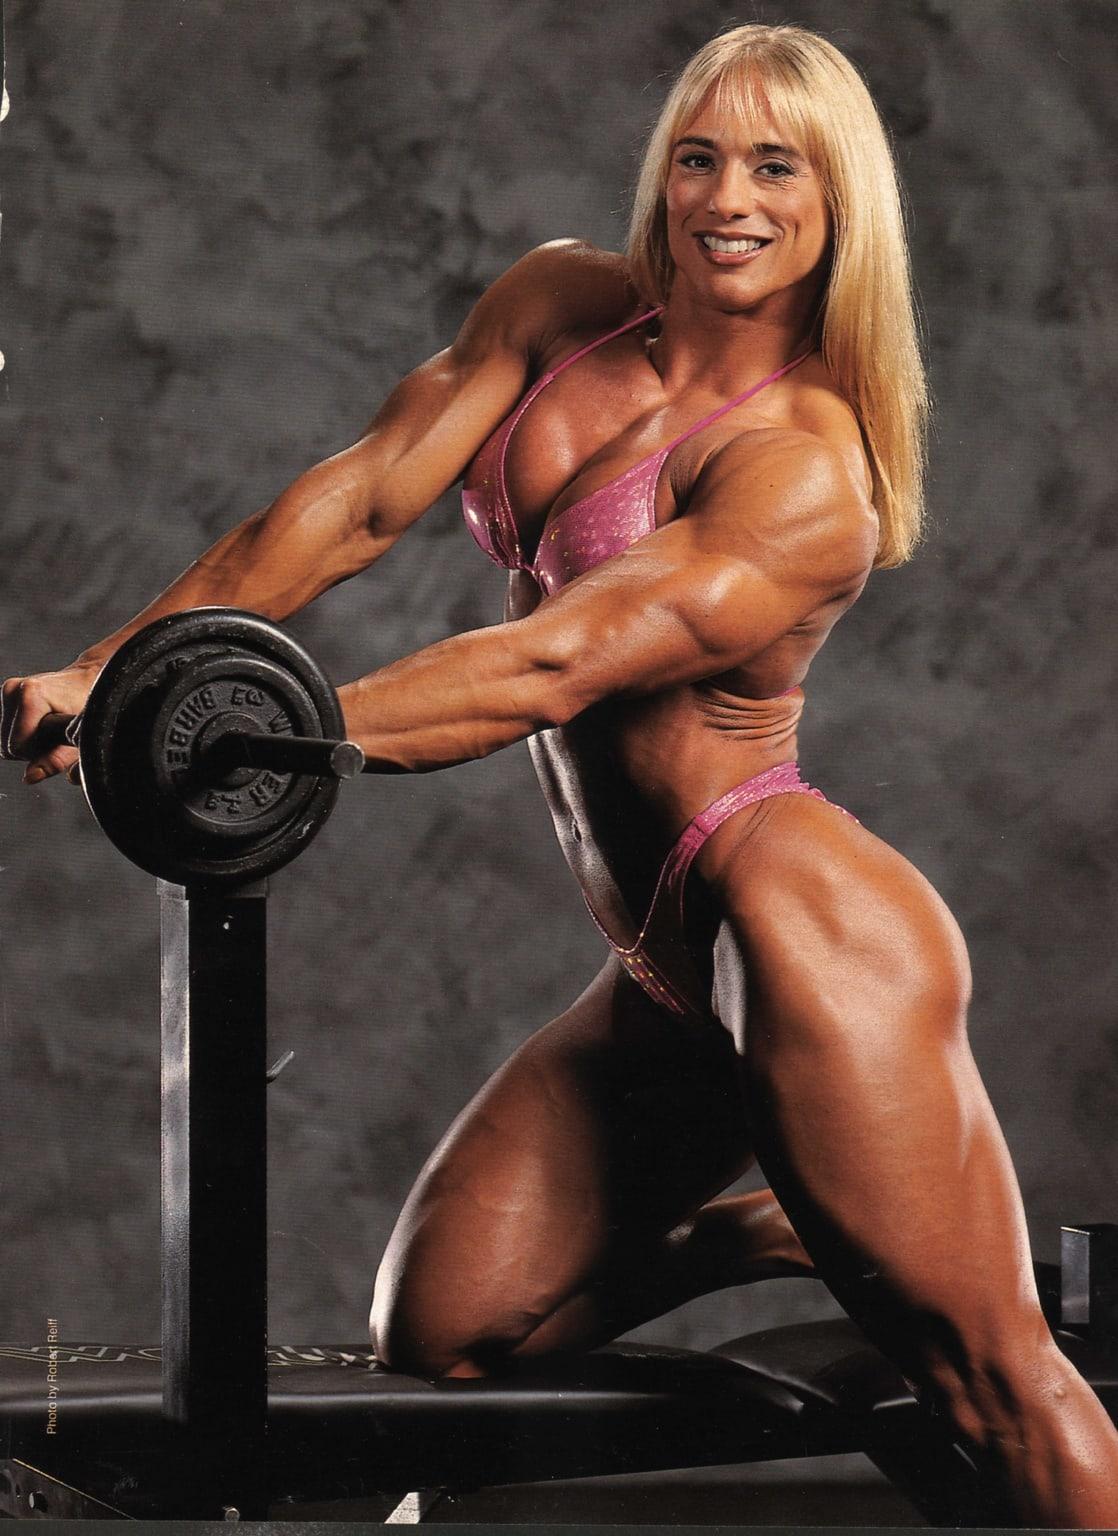 natural nude women bodybuilders